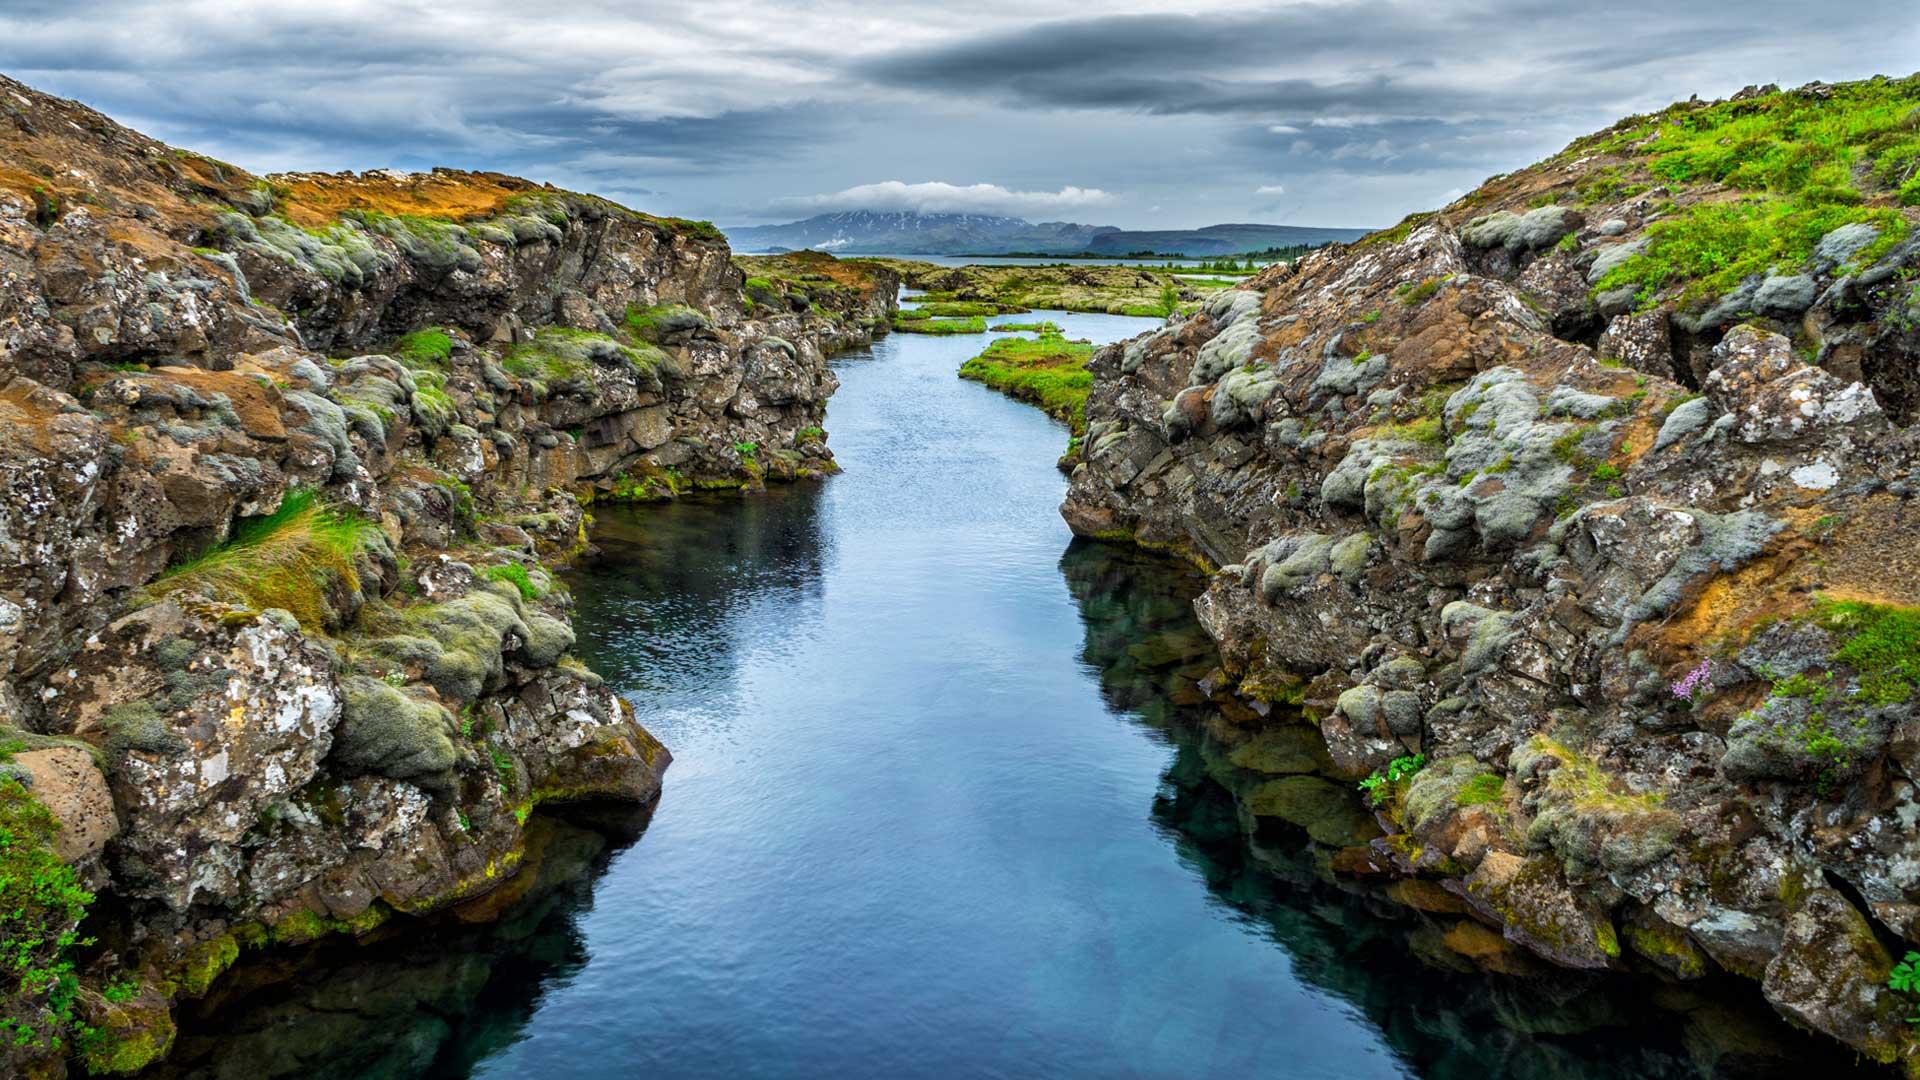 İzlanda'da Dalmak mı Dediniz? Silfra Sizi Bekliyor!